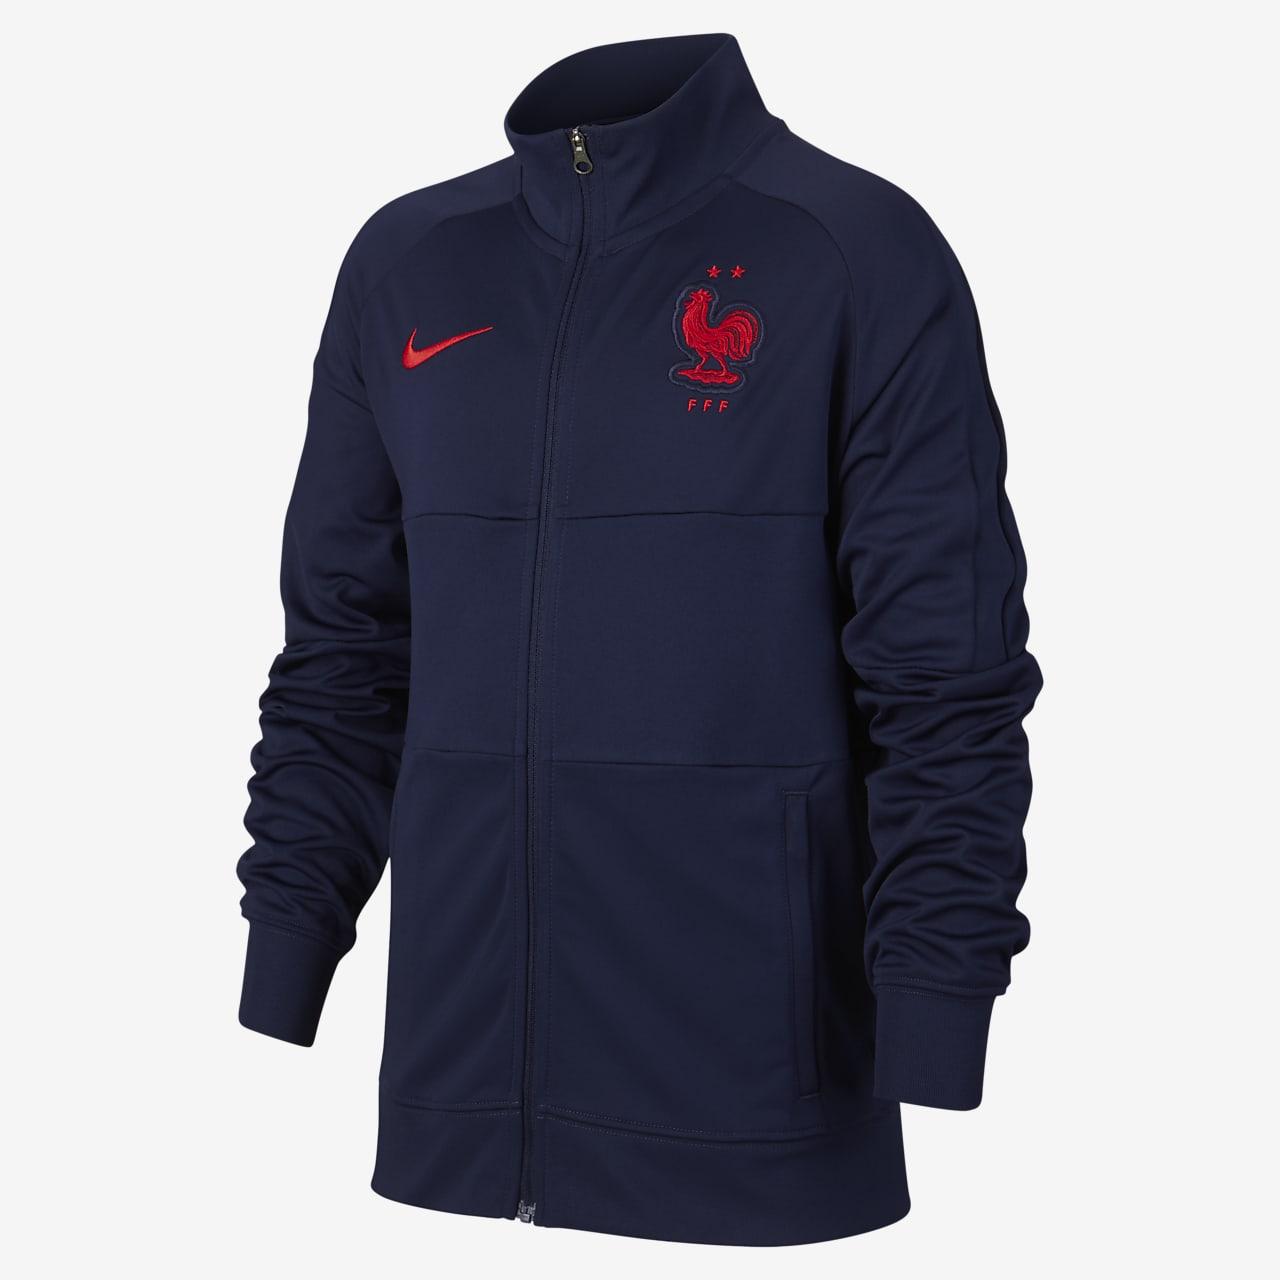 France Jaqueta de futbol - Nen/a